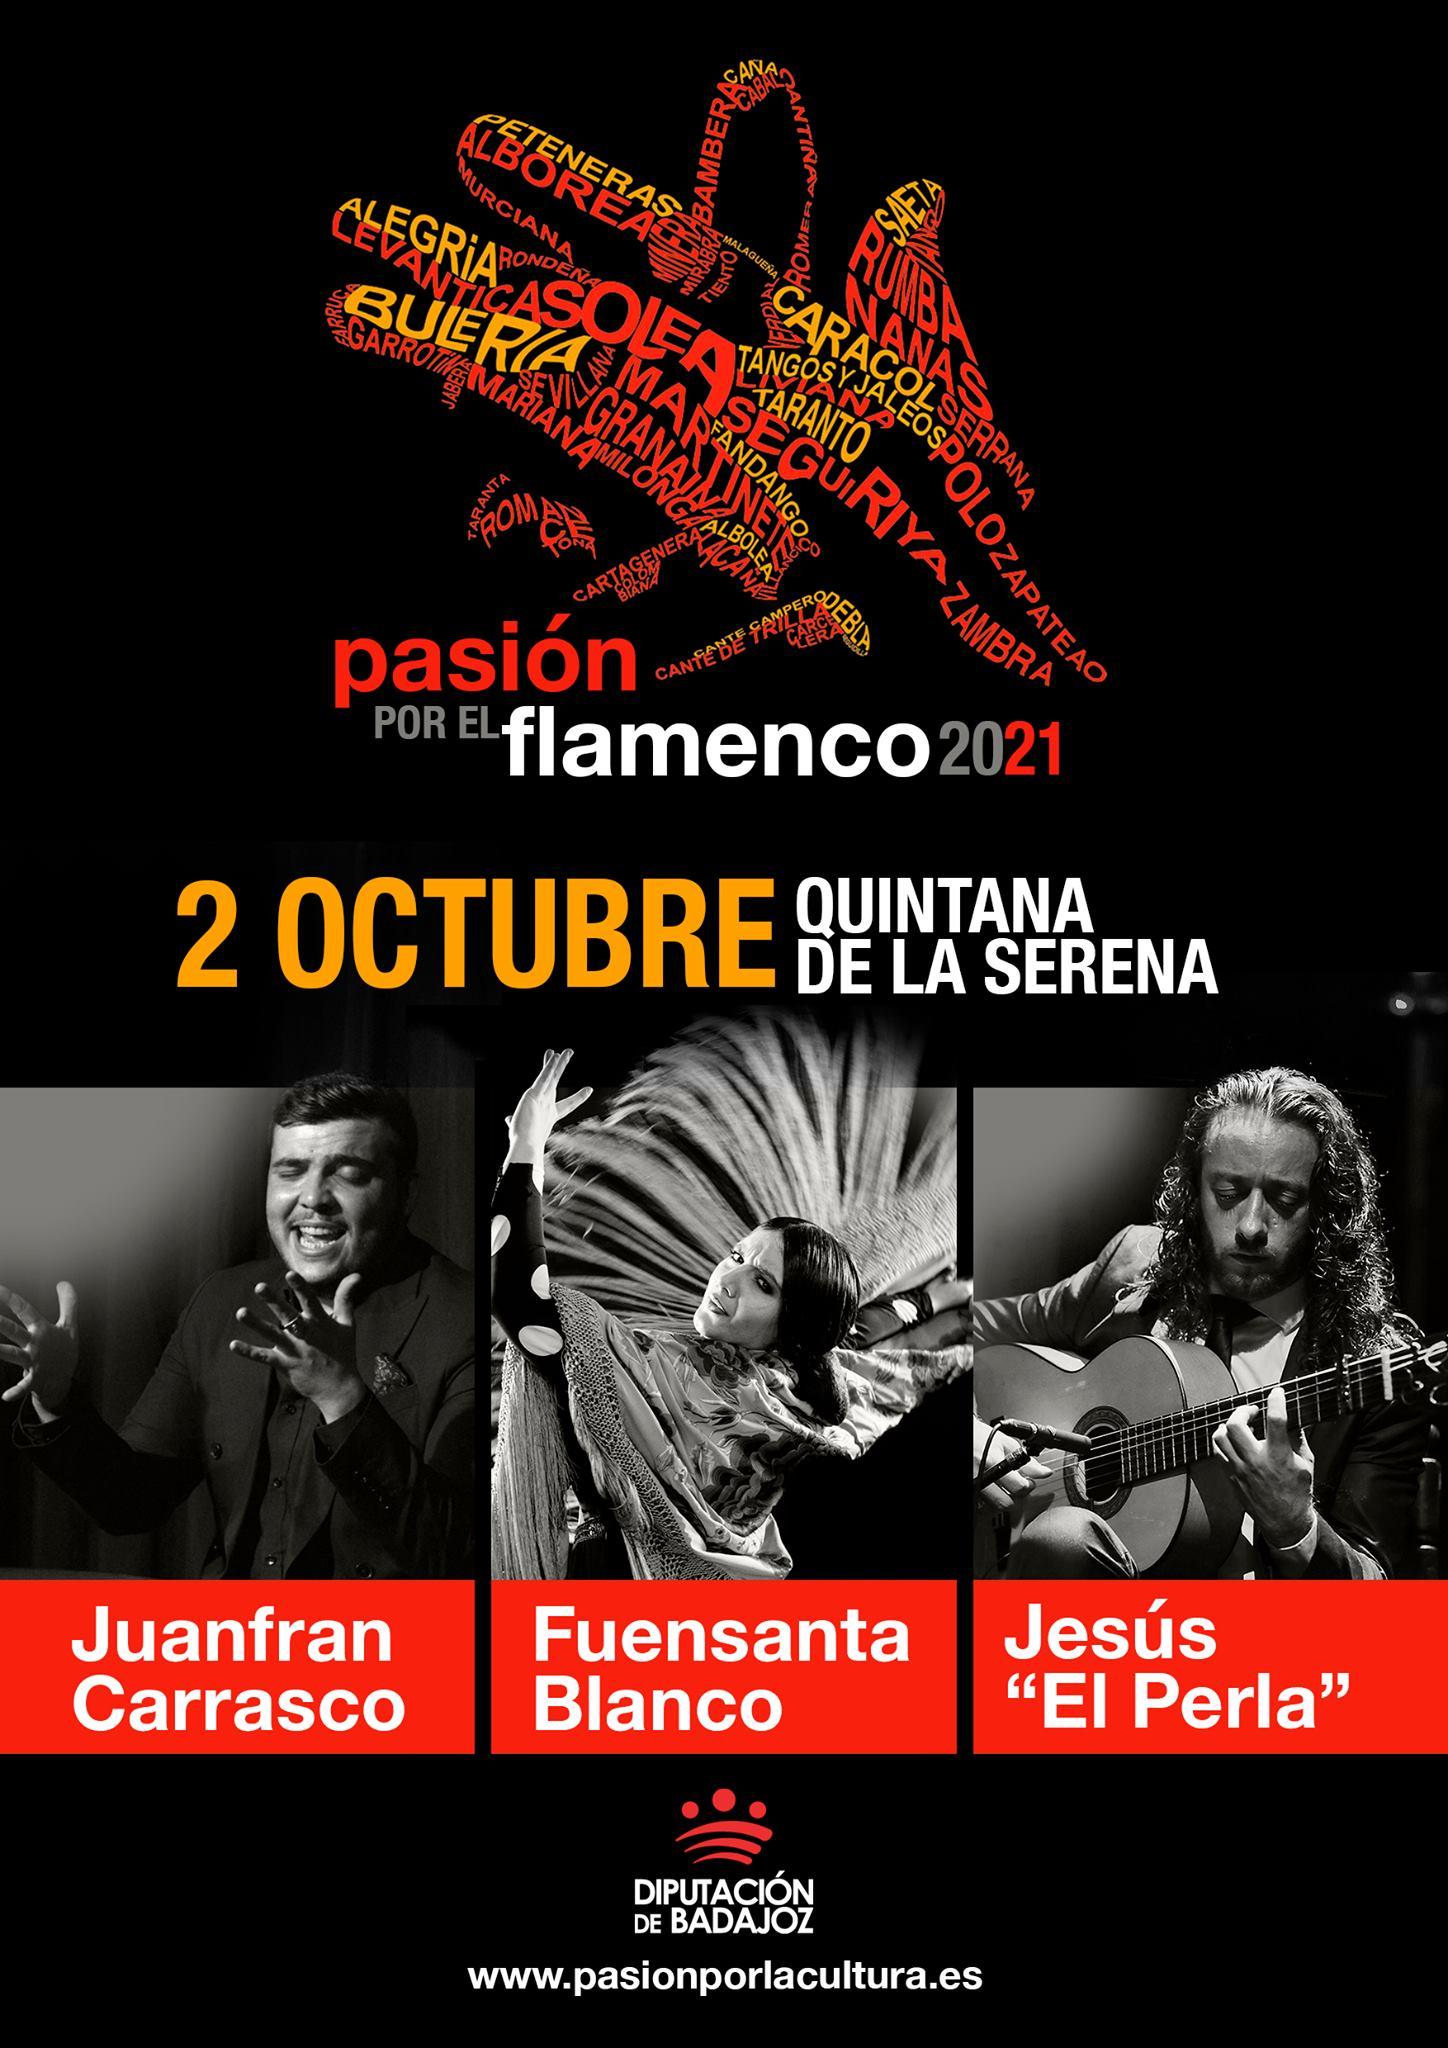 PASIÓN POR EL FLAMENCO | Juanfran Carrasco + Fuensanta Blanco + Jesús 'El Perla'